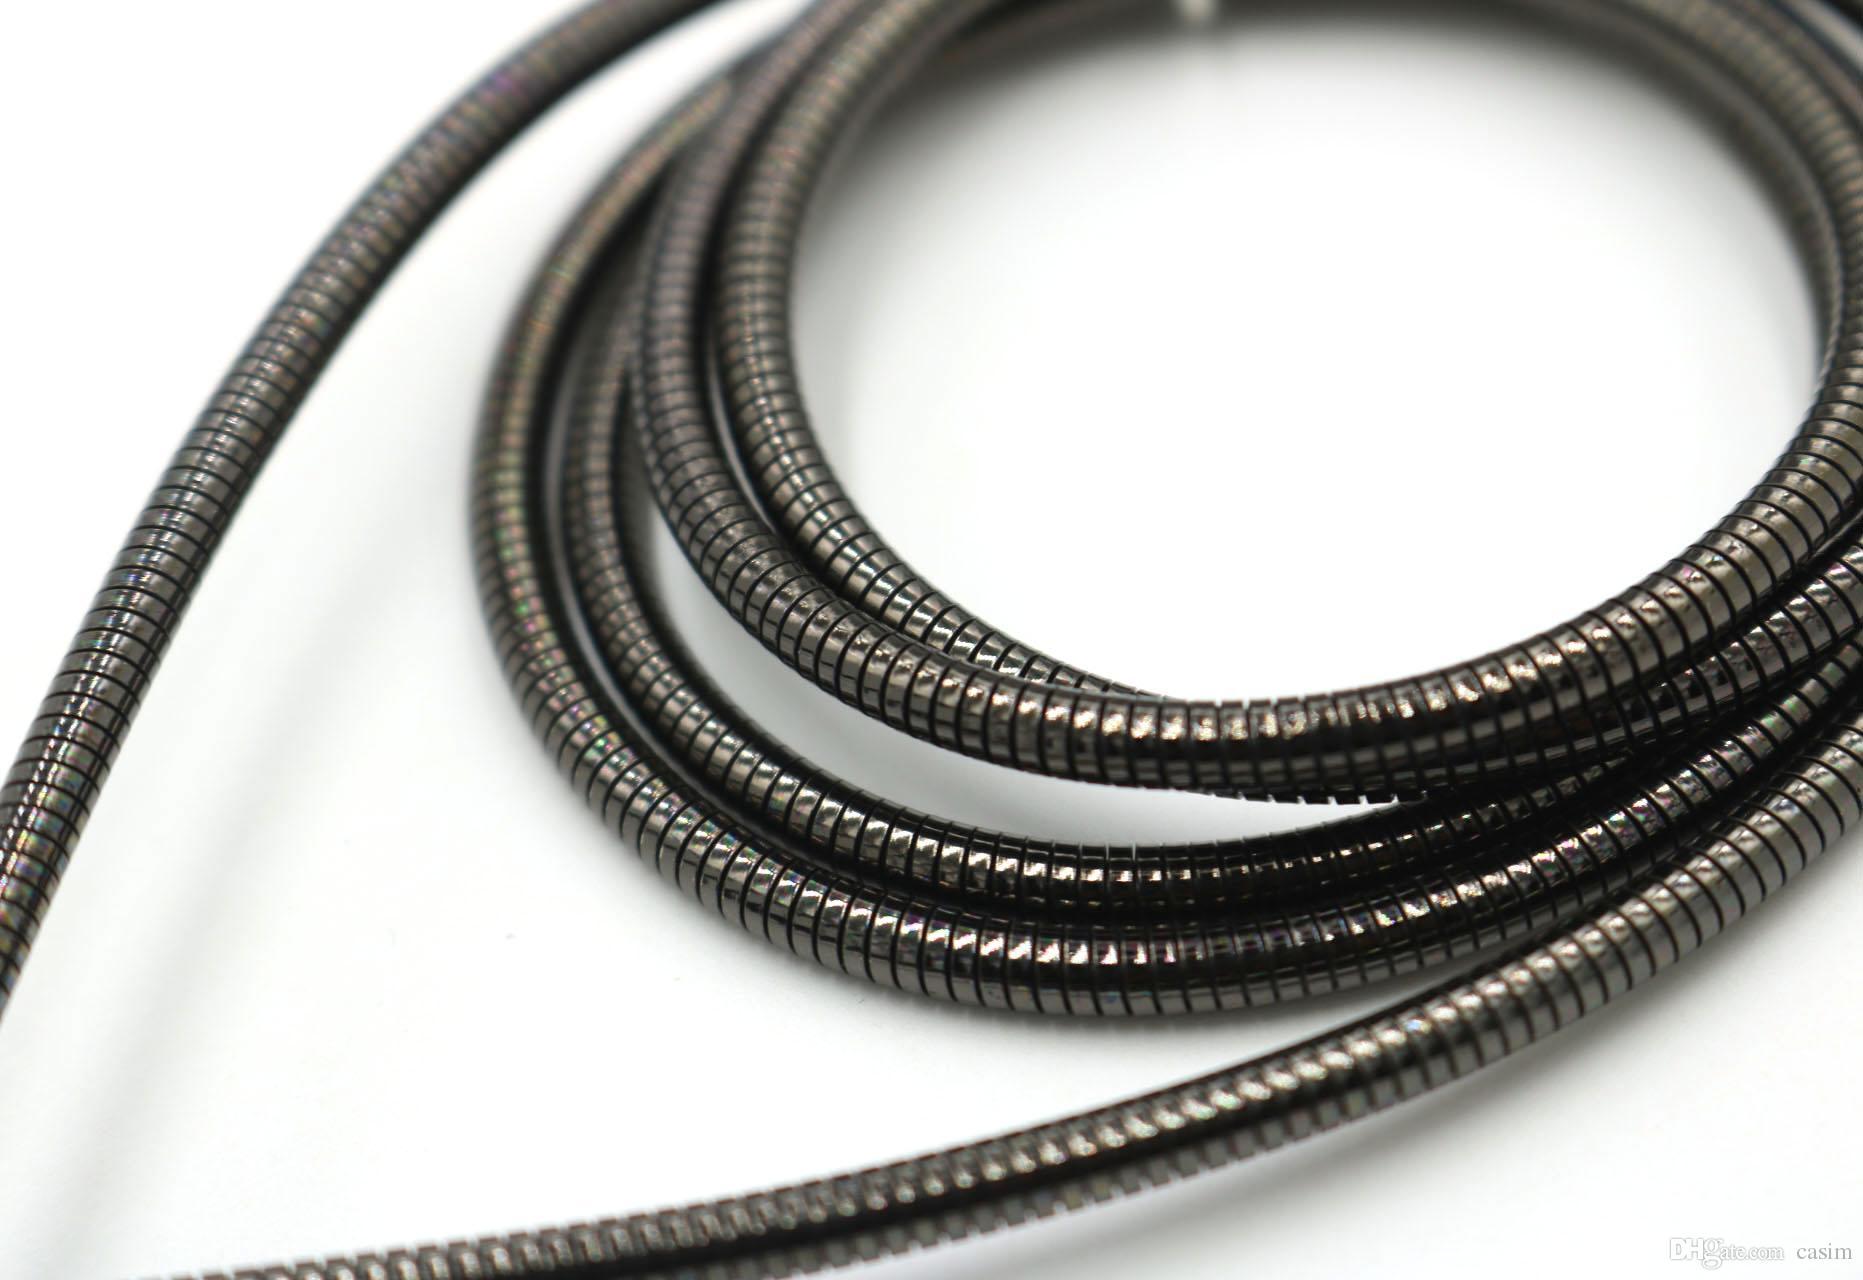 Micro-USB-Kabel-Schnur-Luxusmetallfrühling, der Daten-Linie CASIM echte Gebühr lädt, schreiben Sie C-Kabel für Samsung s7 s6 LG Huawei Android